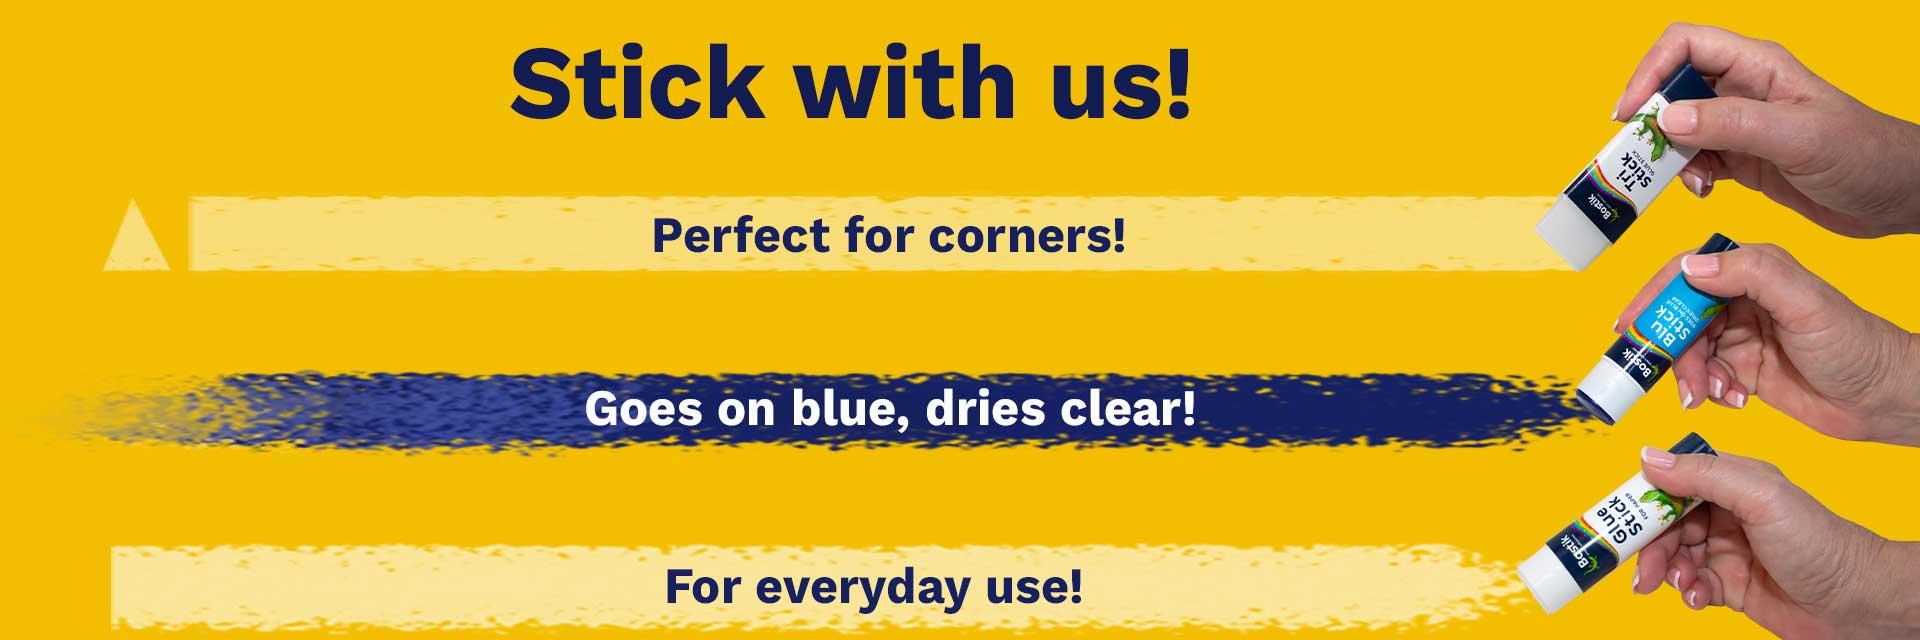 Bostik DIY South Africa Stationery range banner